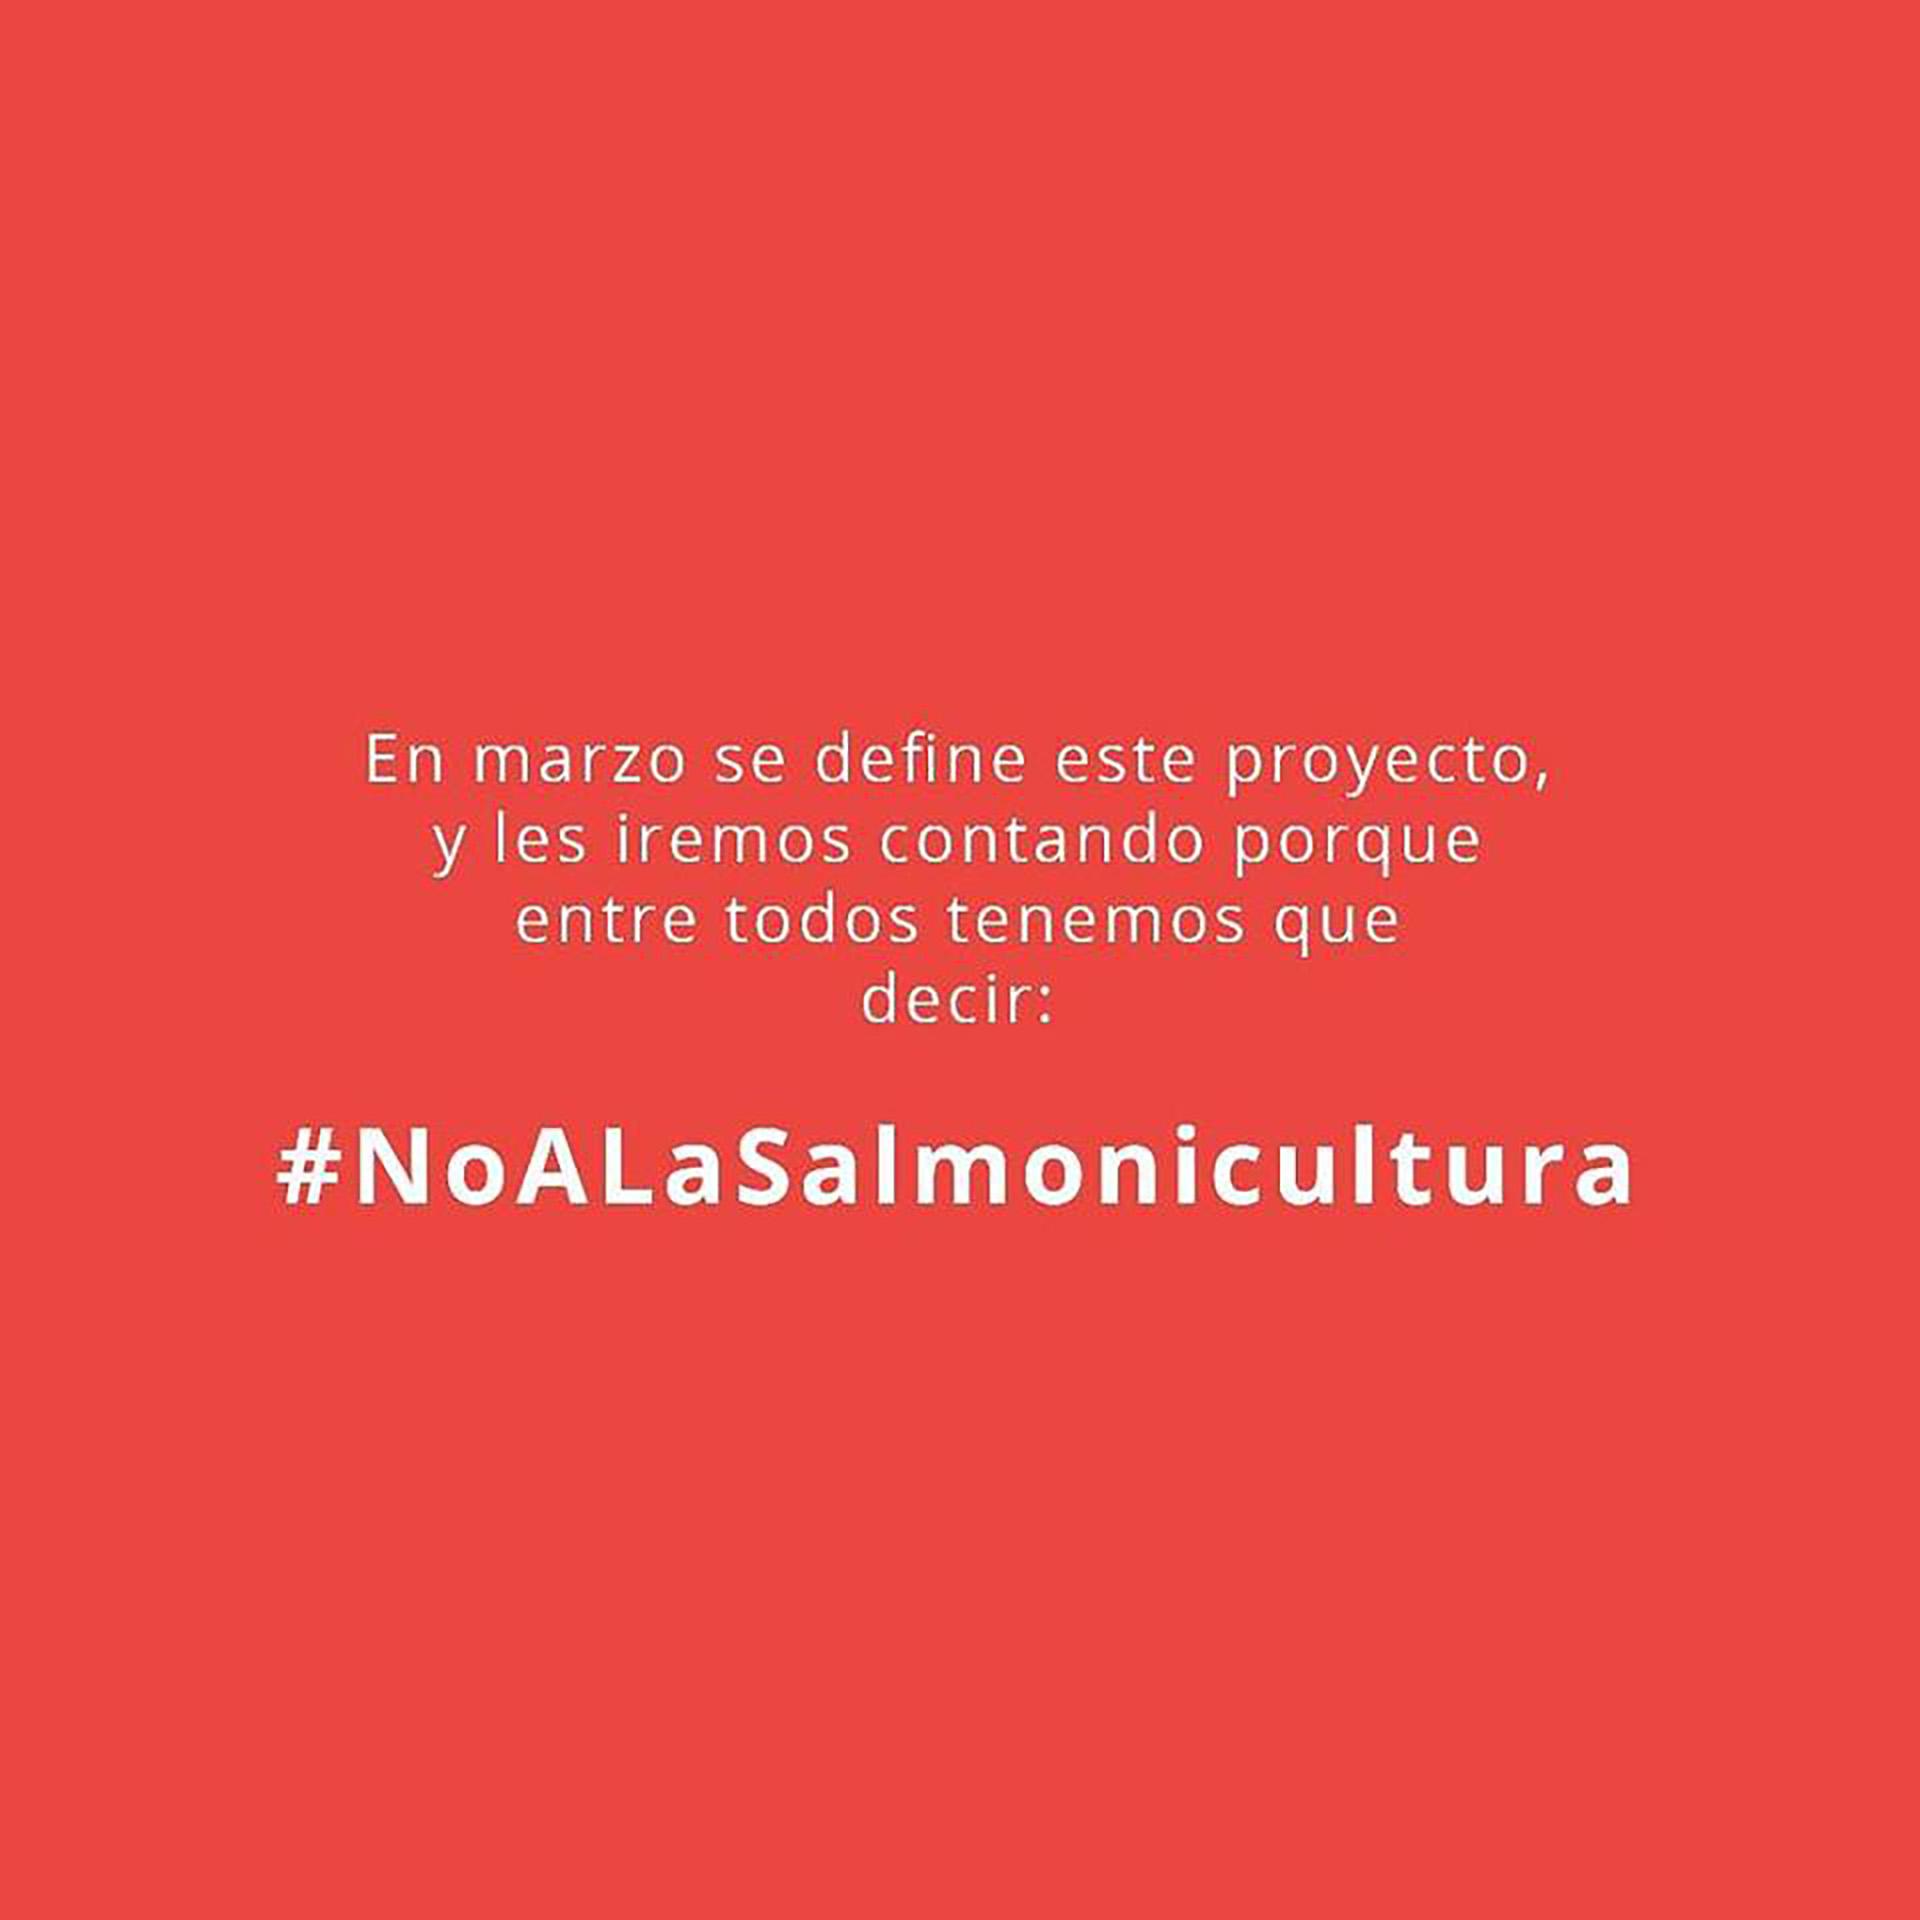 Fuerte campaña en las redes social de los cocineros top argentinos